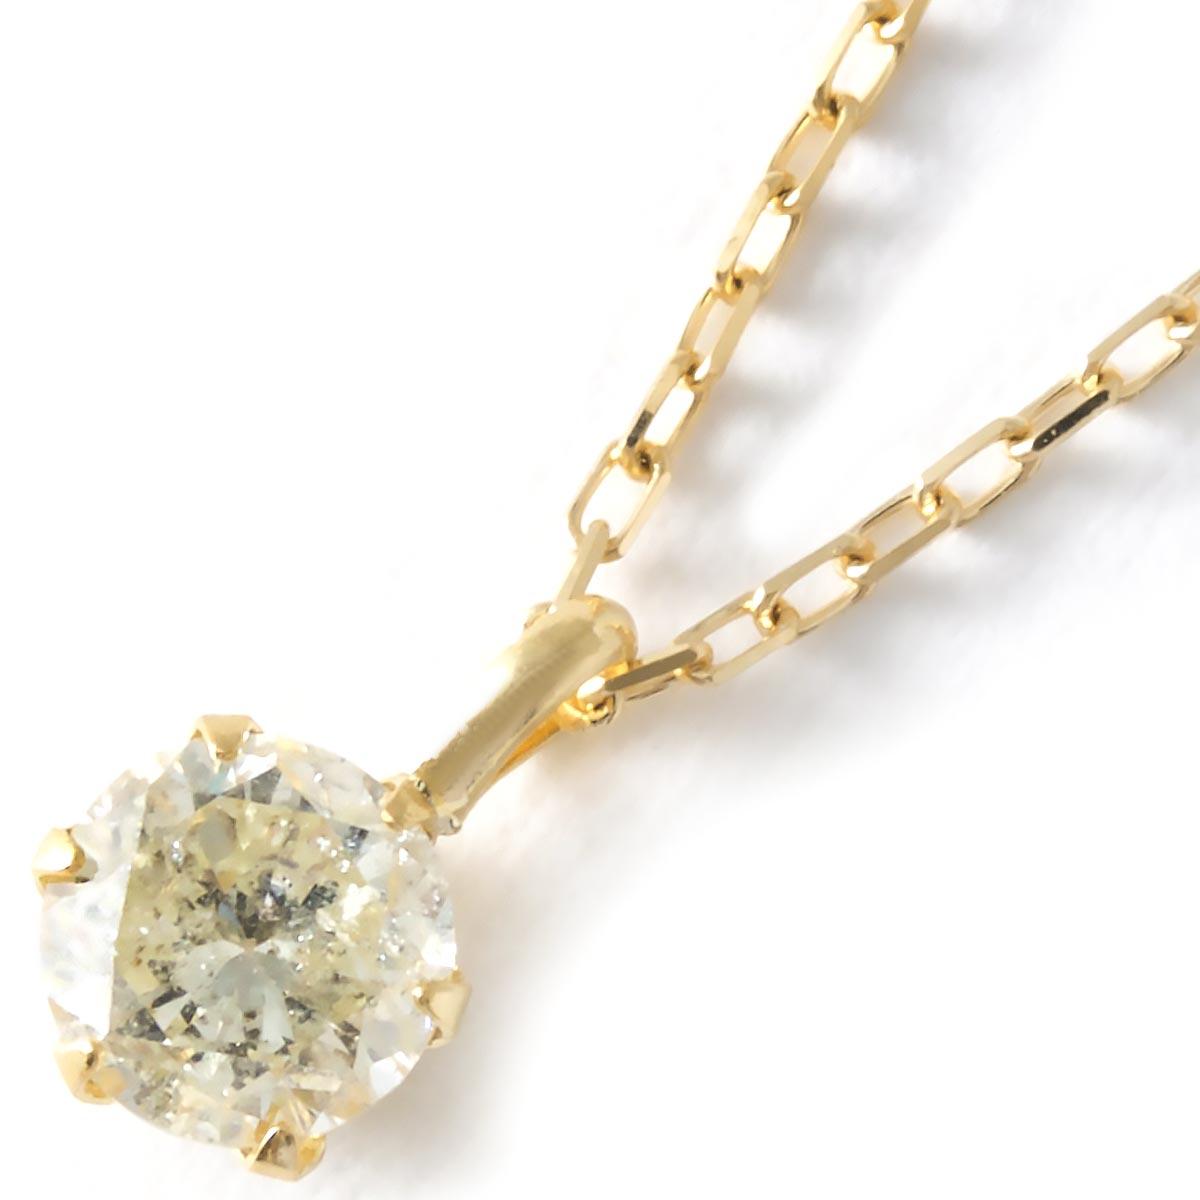 【最大3万円割引クーポン 11/01~】ジュエリー ネックレス アクセサリー レディース ダイヤモンド 一粒 0.3ct K18 クリア&イエローゴールド DS20153 YG JEWELRY